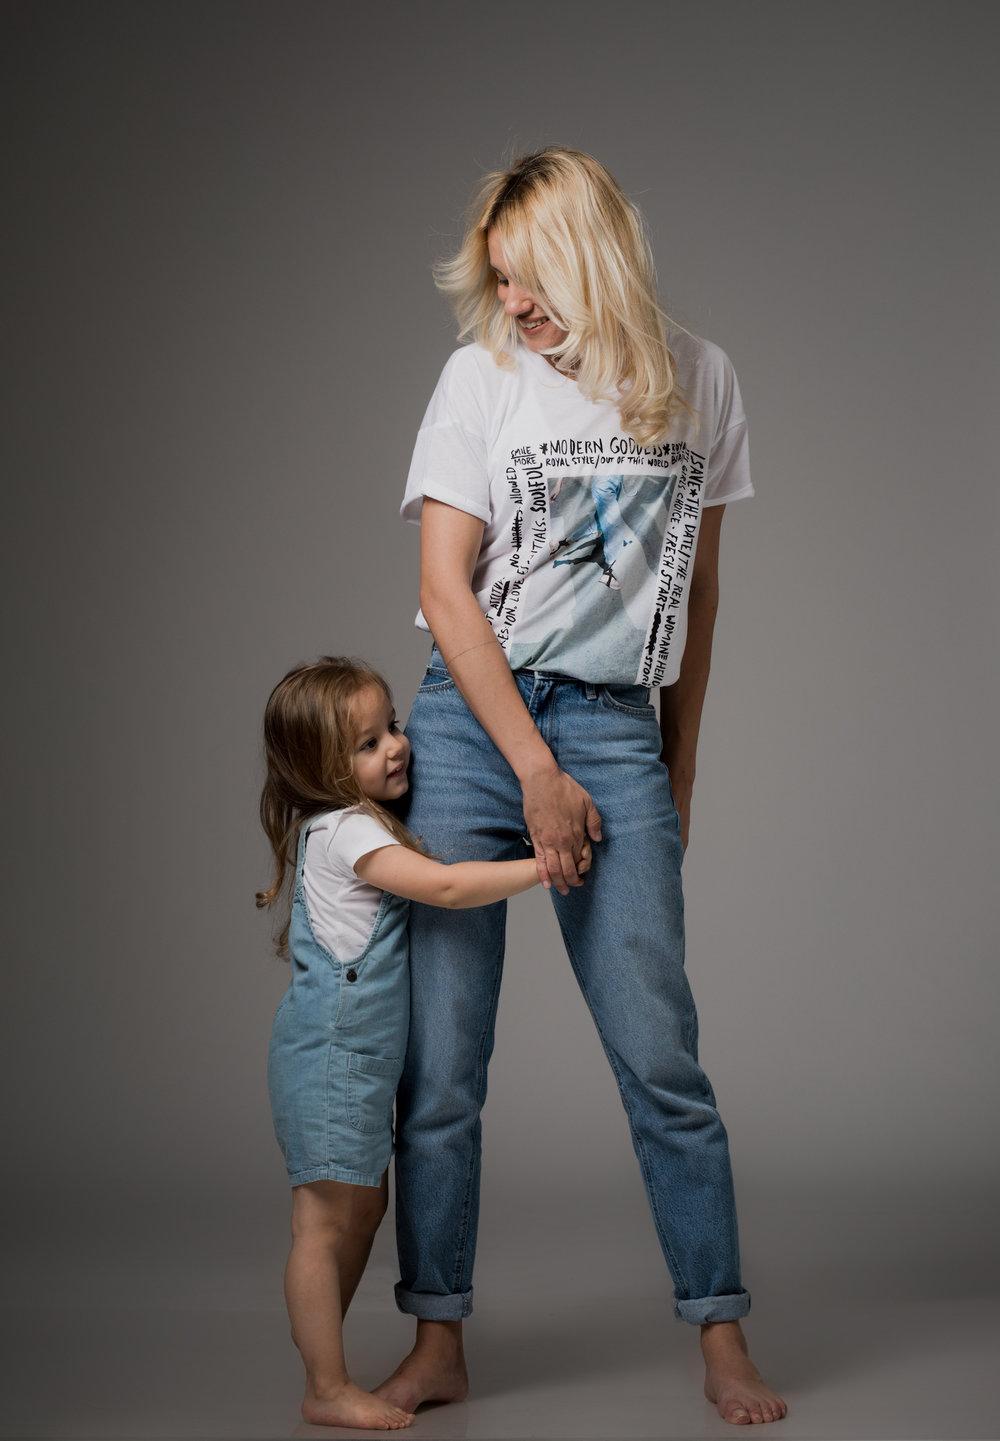 מעיין לובשת: חולצת טי MANGO,ג׳ינס LEE מבית www.terminalx.com   מיה לובשת: חולצה ואוברול ג׳ינסFOX Baby